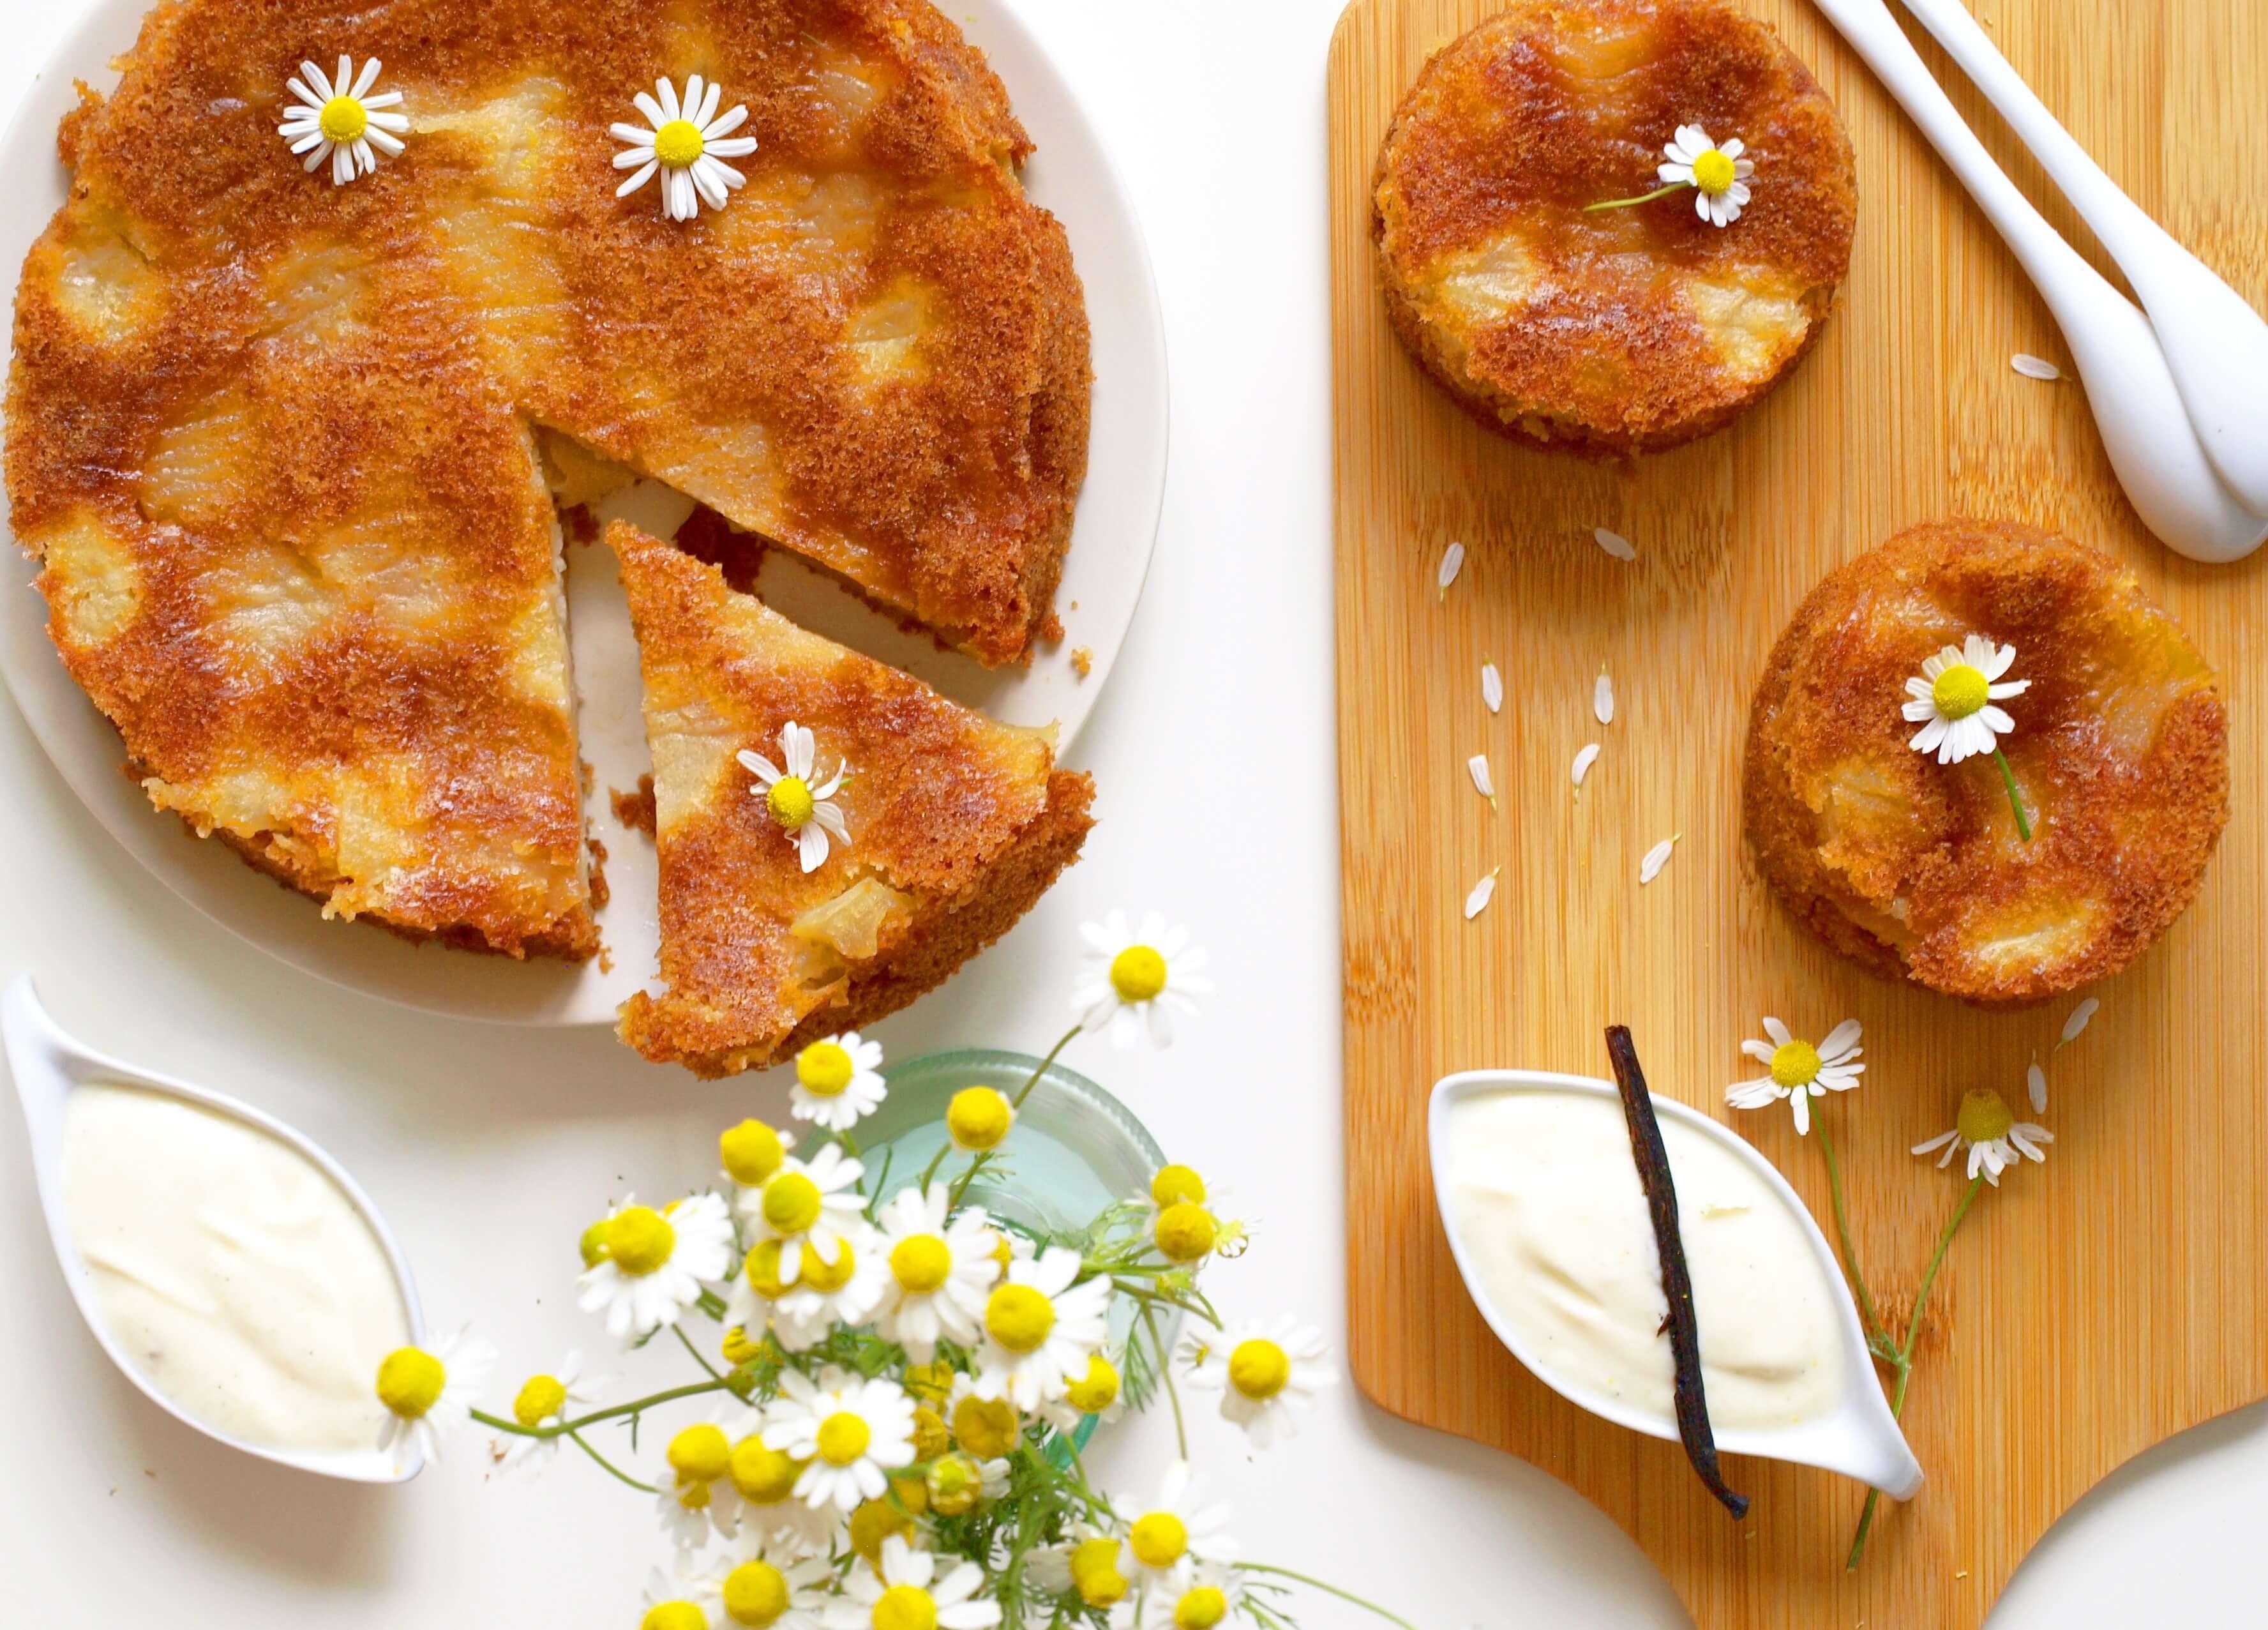 cách làm bánh từ bột mì không cần lò nướng